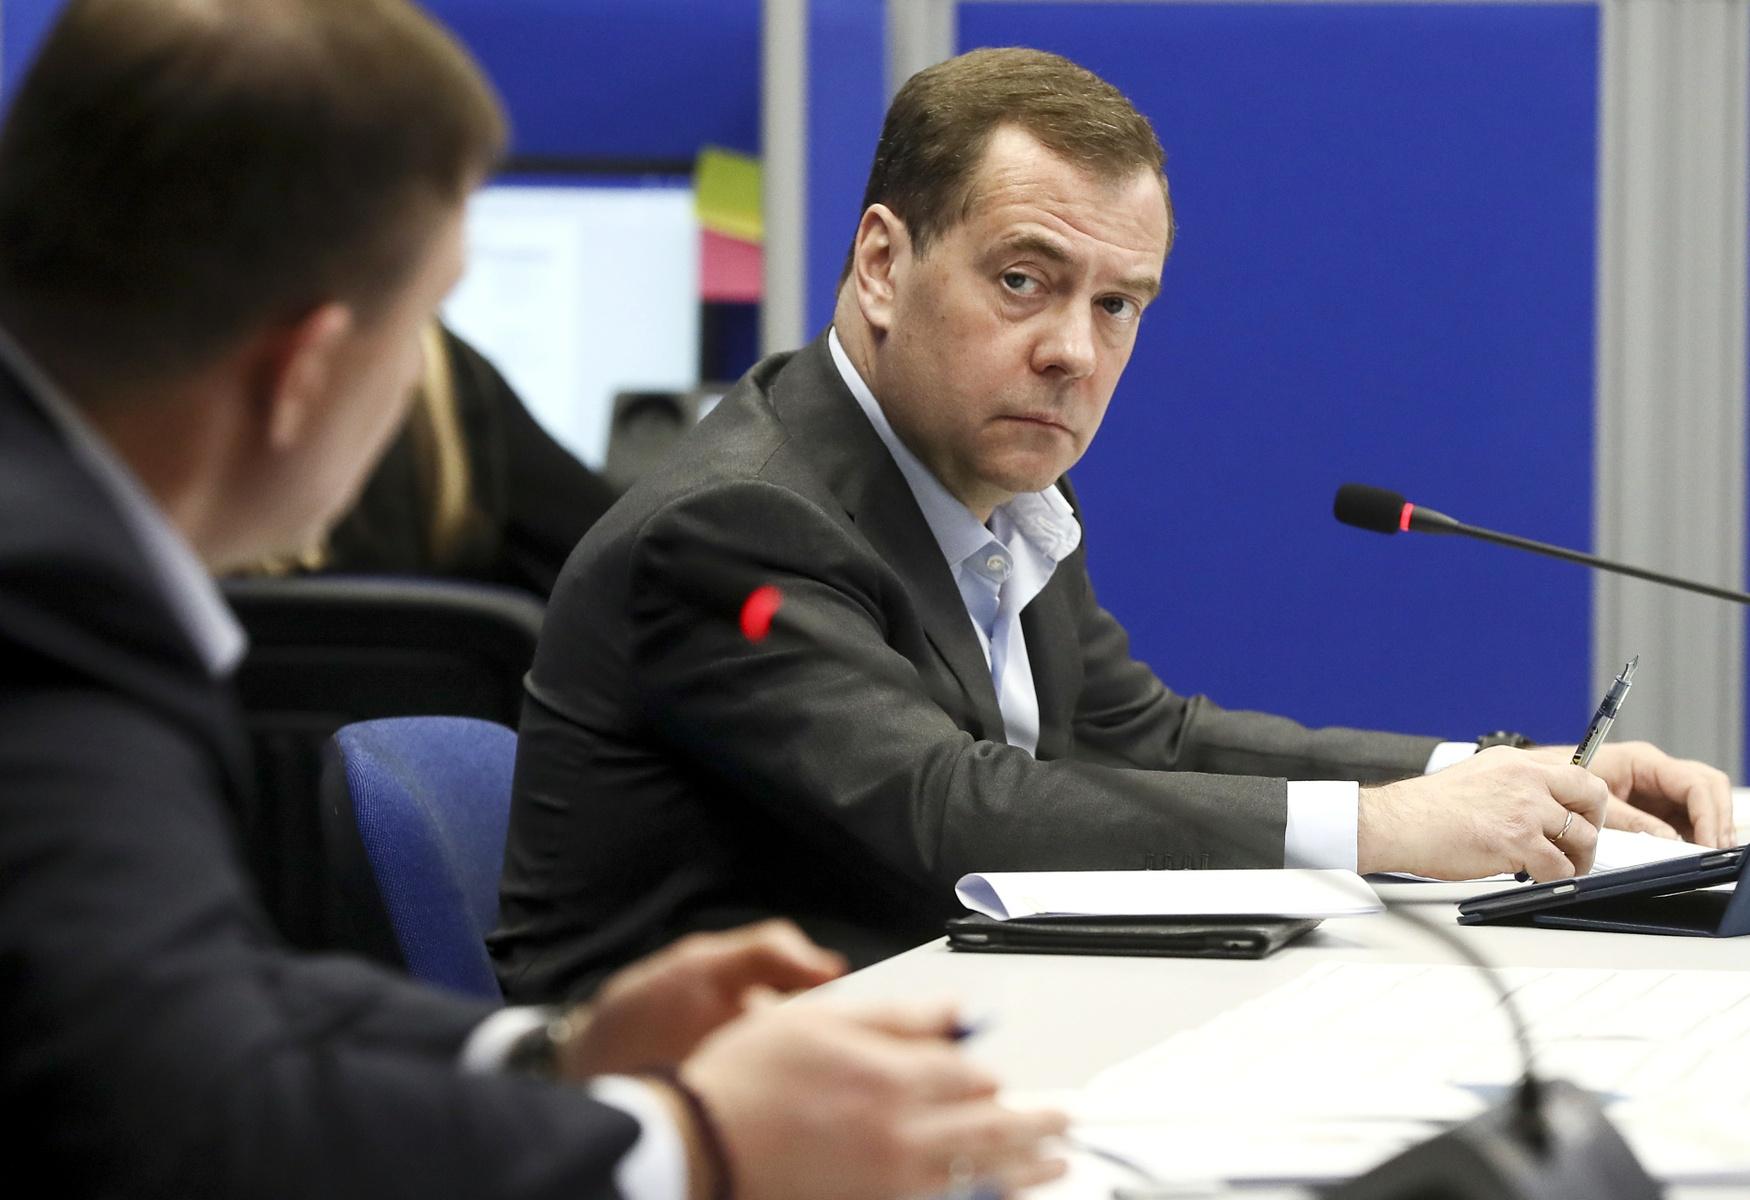 Дмитрий Медведев провел видеосовещание с представителями волонтерских центров «Единой России» по оказанию помощи гражданам в связи с пандемией коронавируса. Фото: Екатерина Штукина/РИА Новости